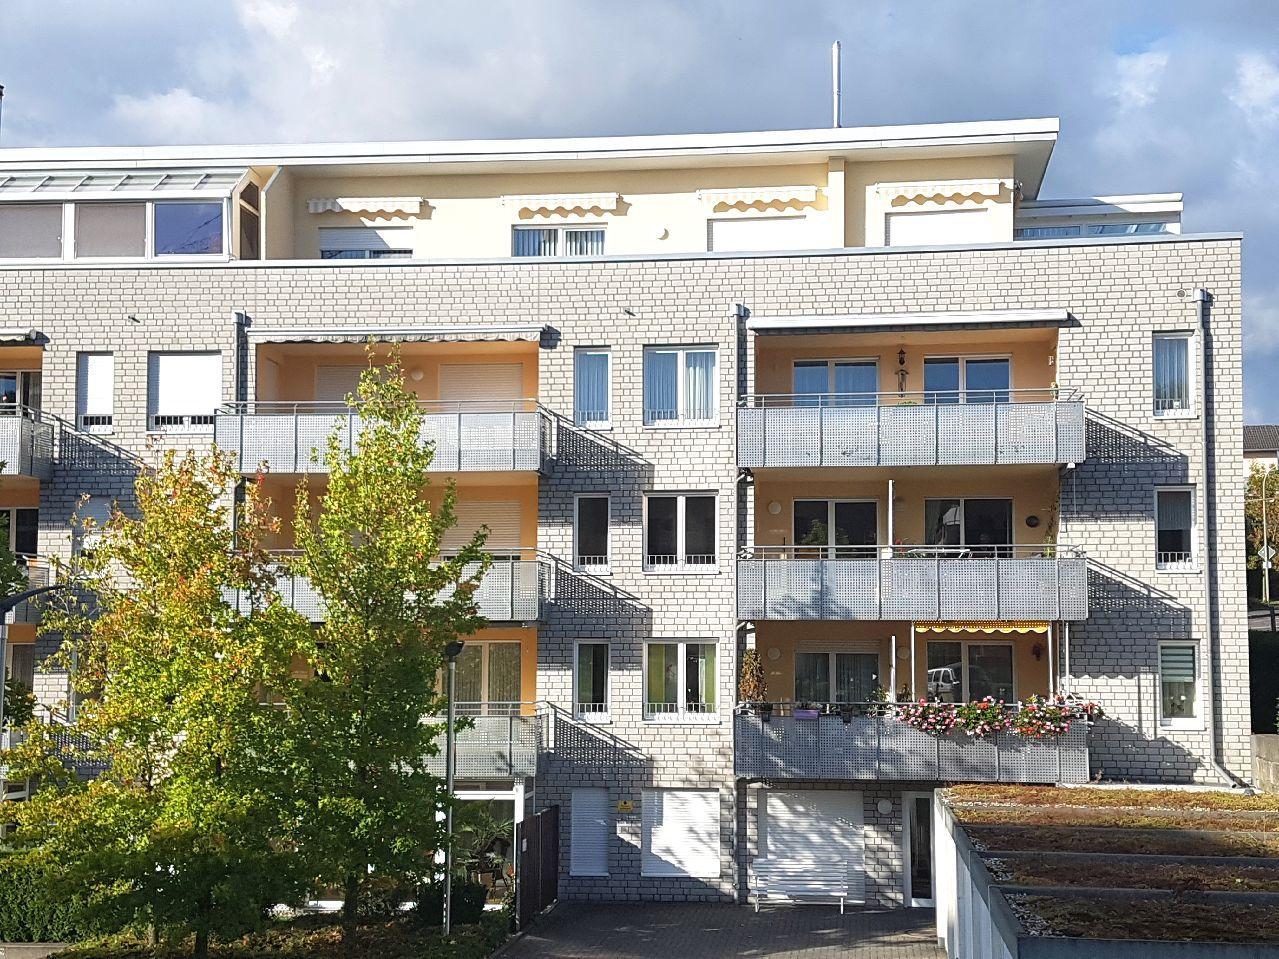 Wohnung Zur Miete In Burscheid Seniorengerechte 3 Zi Wohnung Mit